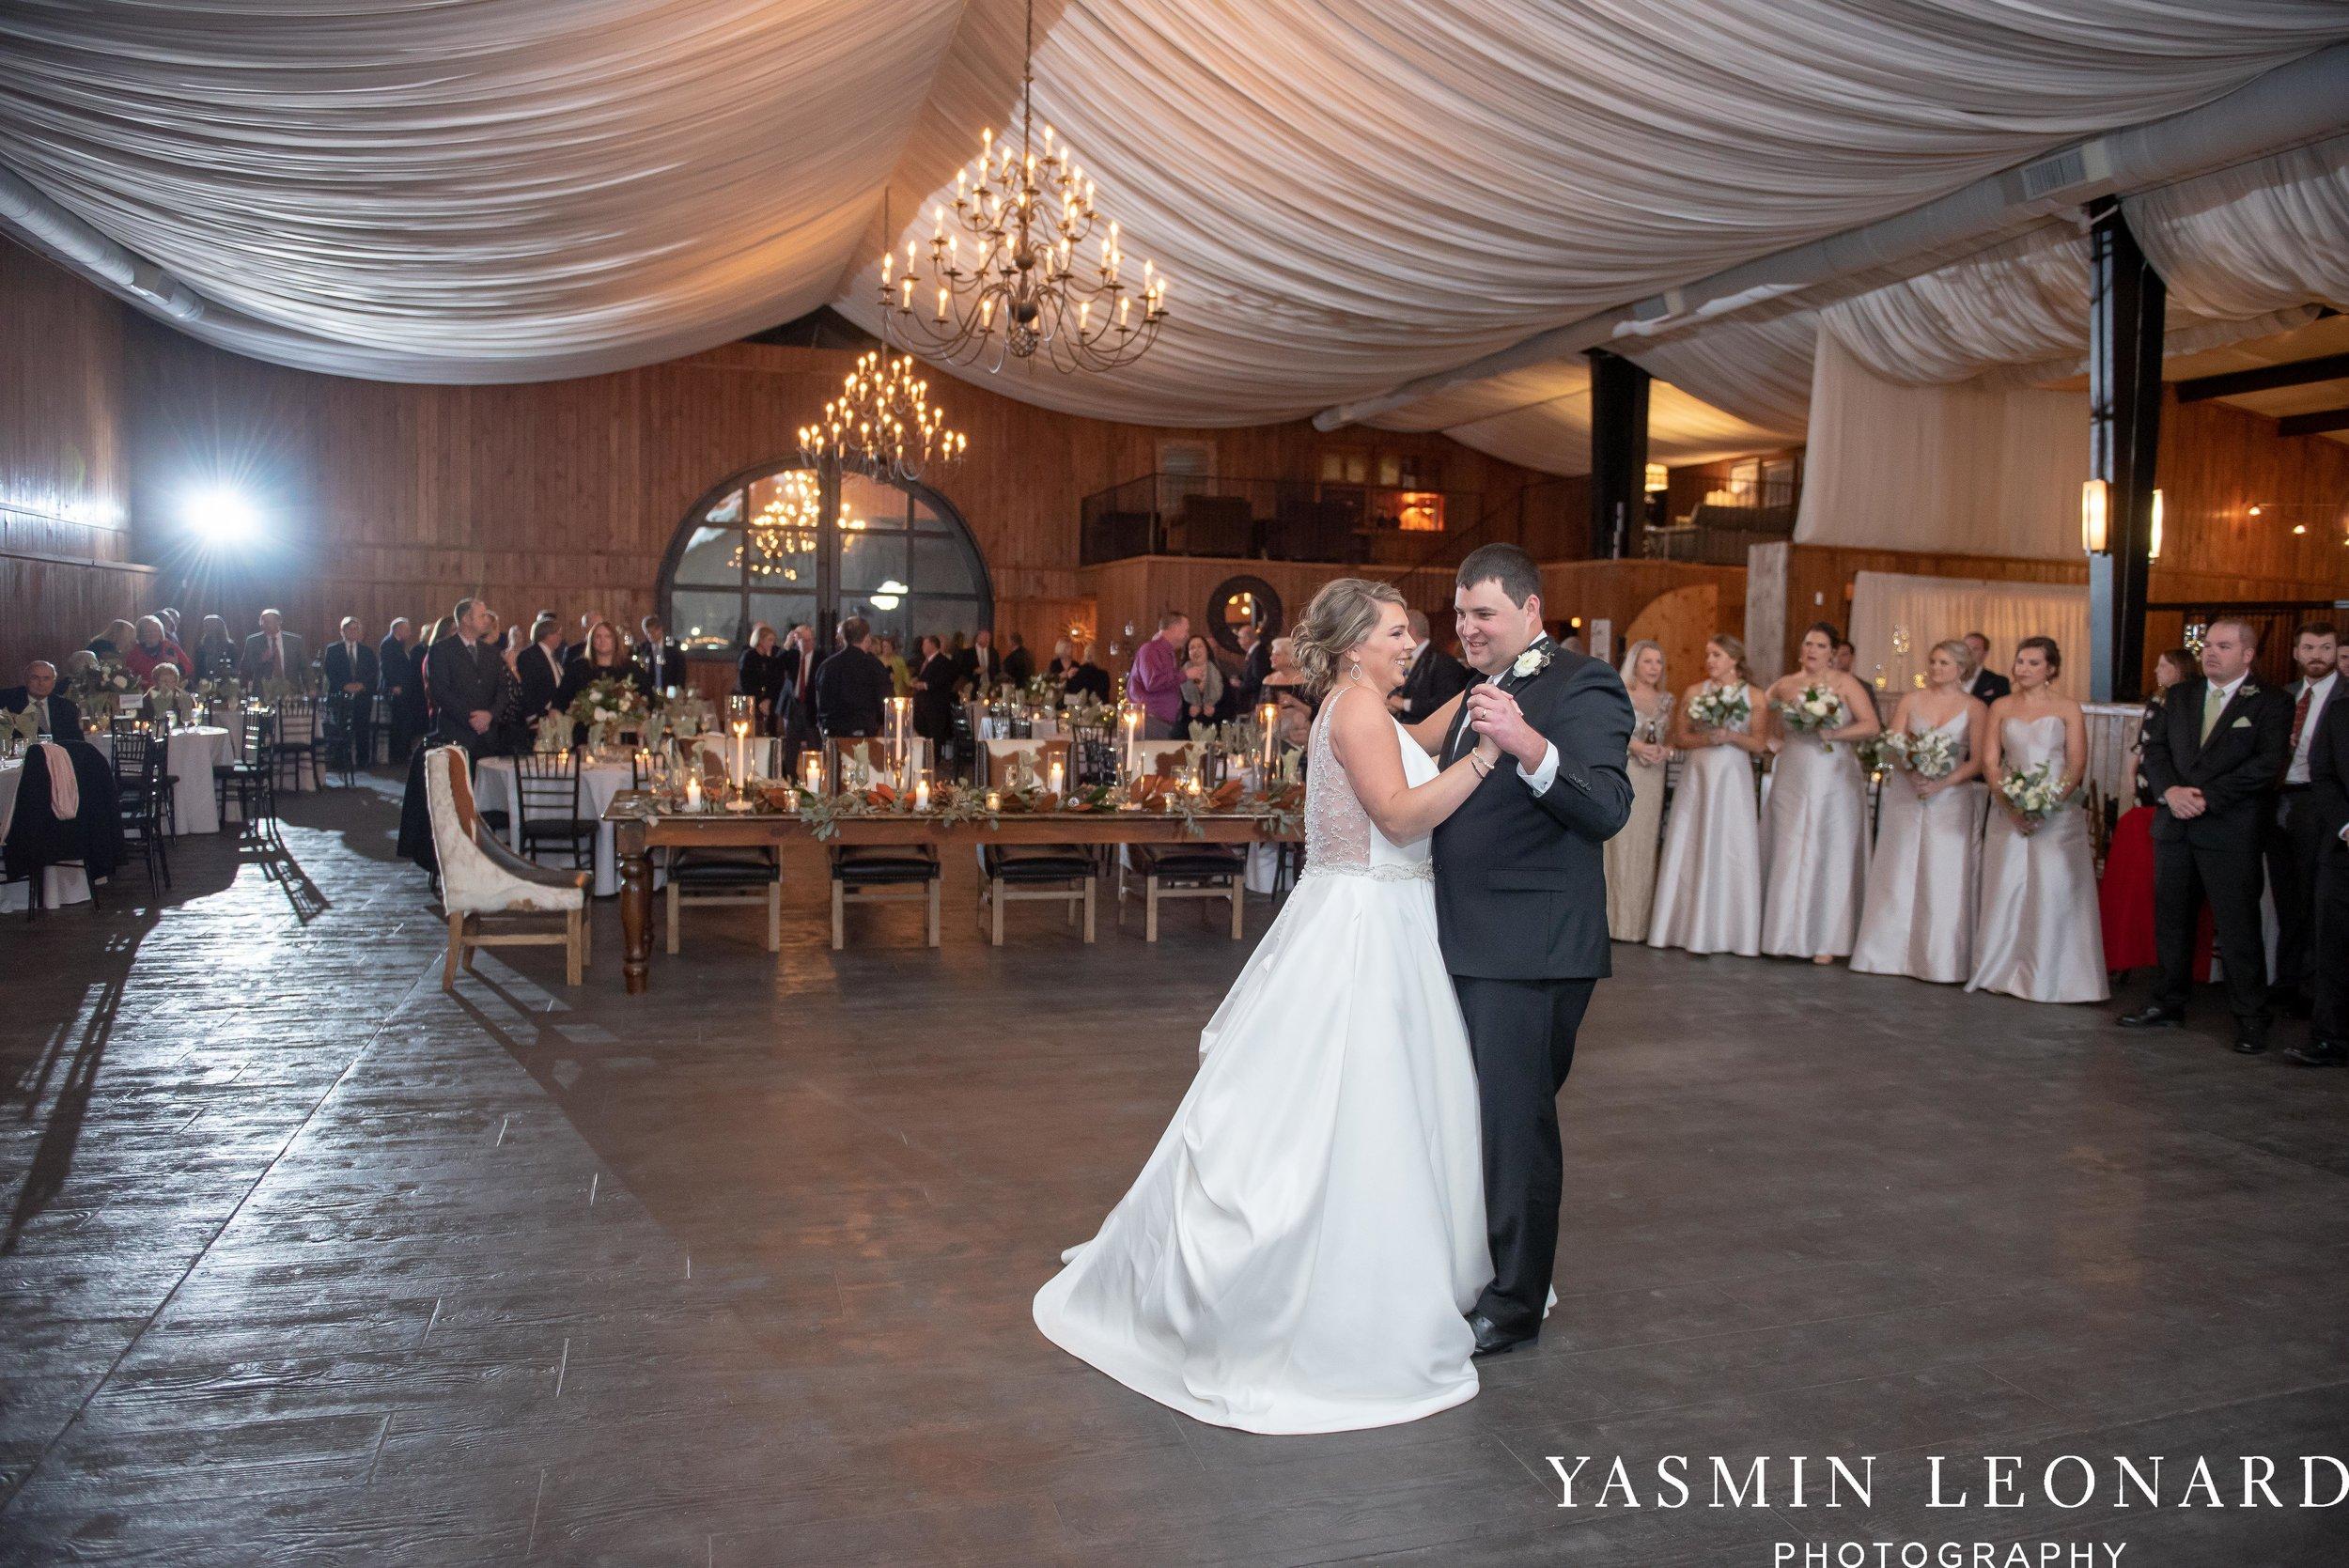 Adaumont Farm - Wesley Memorial Weddings - High Point Weddings - Just Priceless - NC Wedding Photographer - Yasmin Leonard Photography - High Point Wedding Vendors-60.jpg